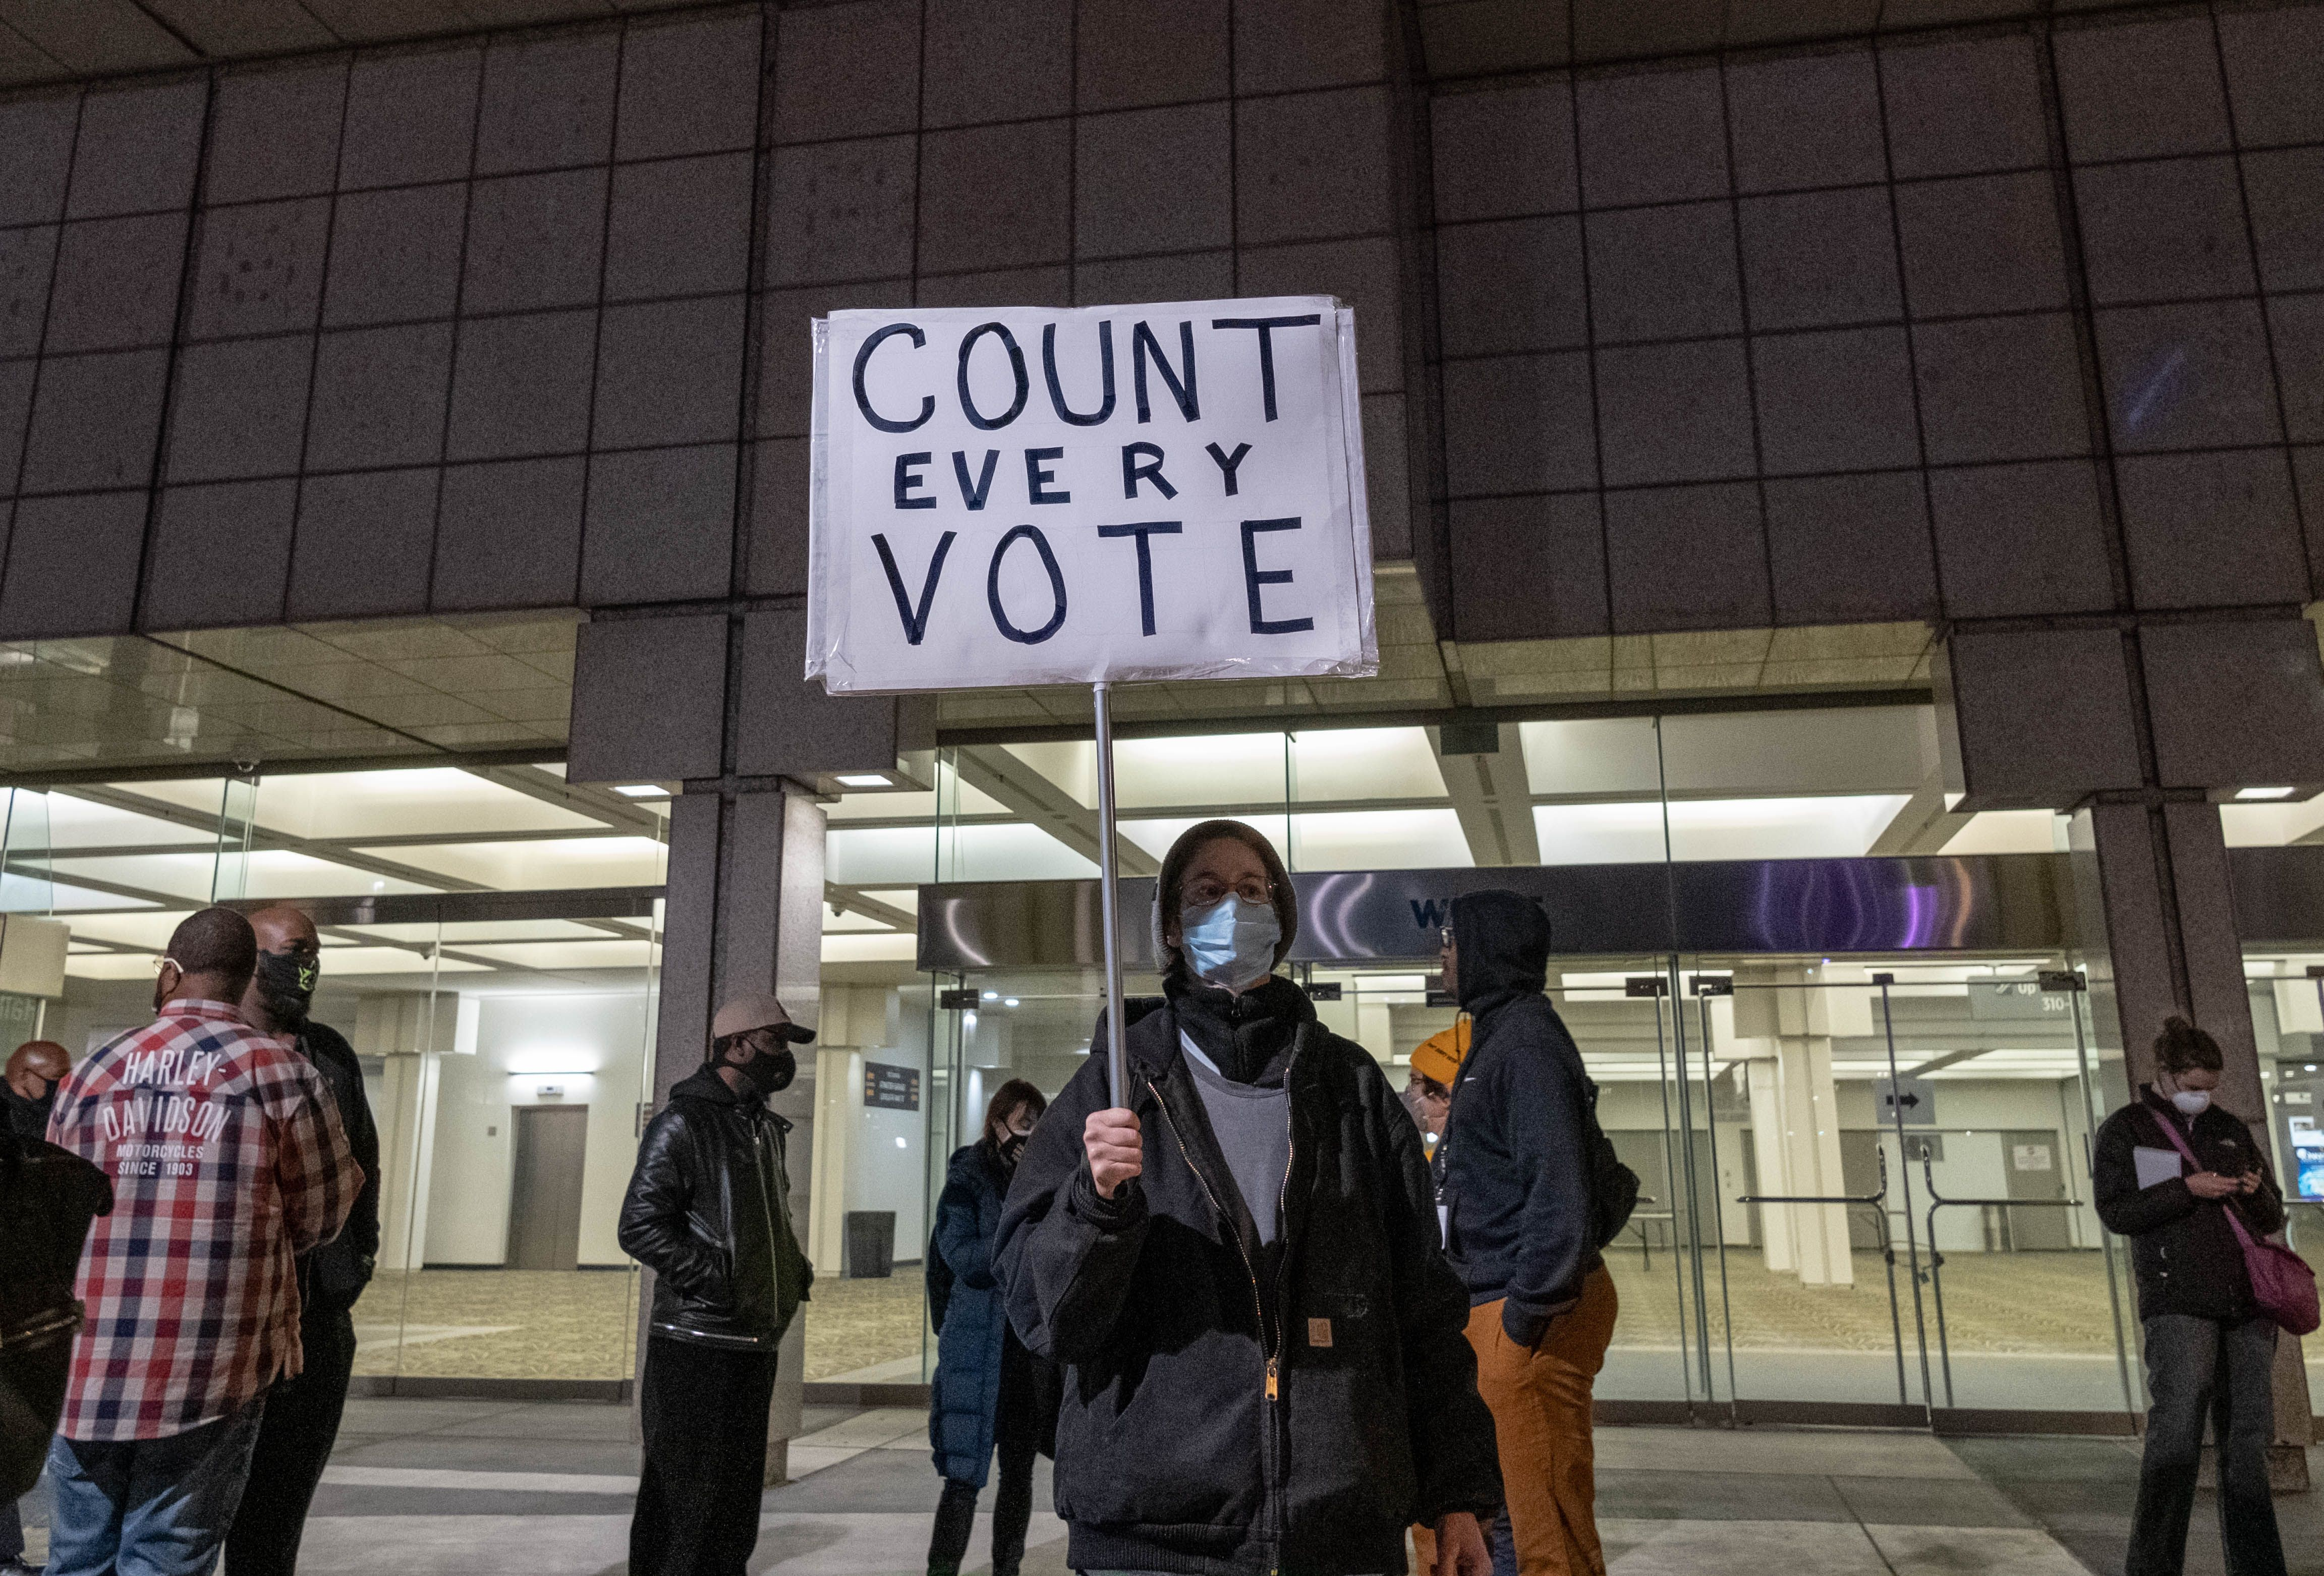 不懼威脅 密歇根共和黨人拒認選舉結果